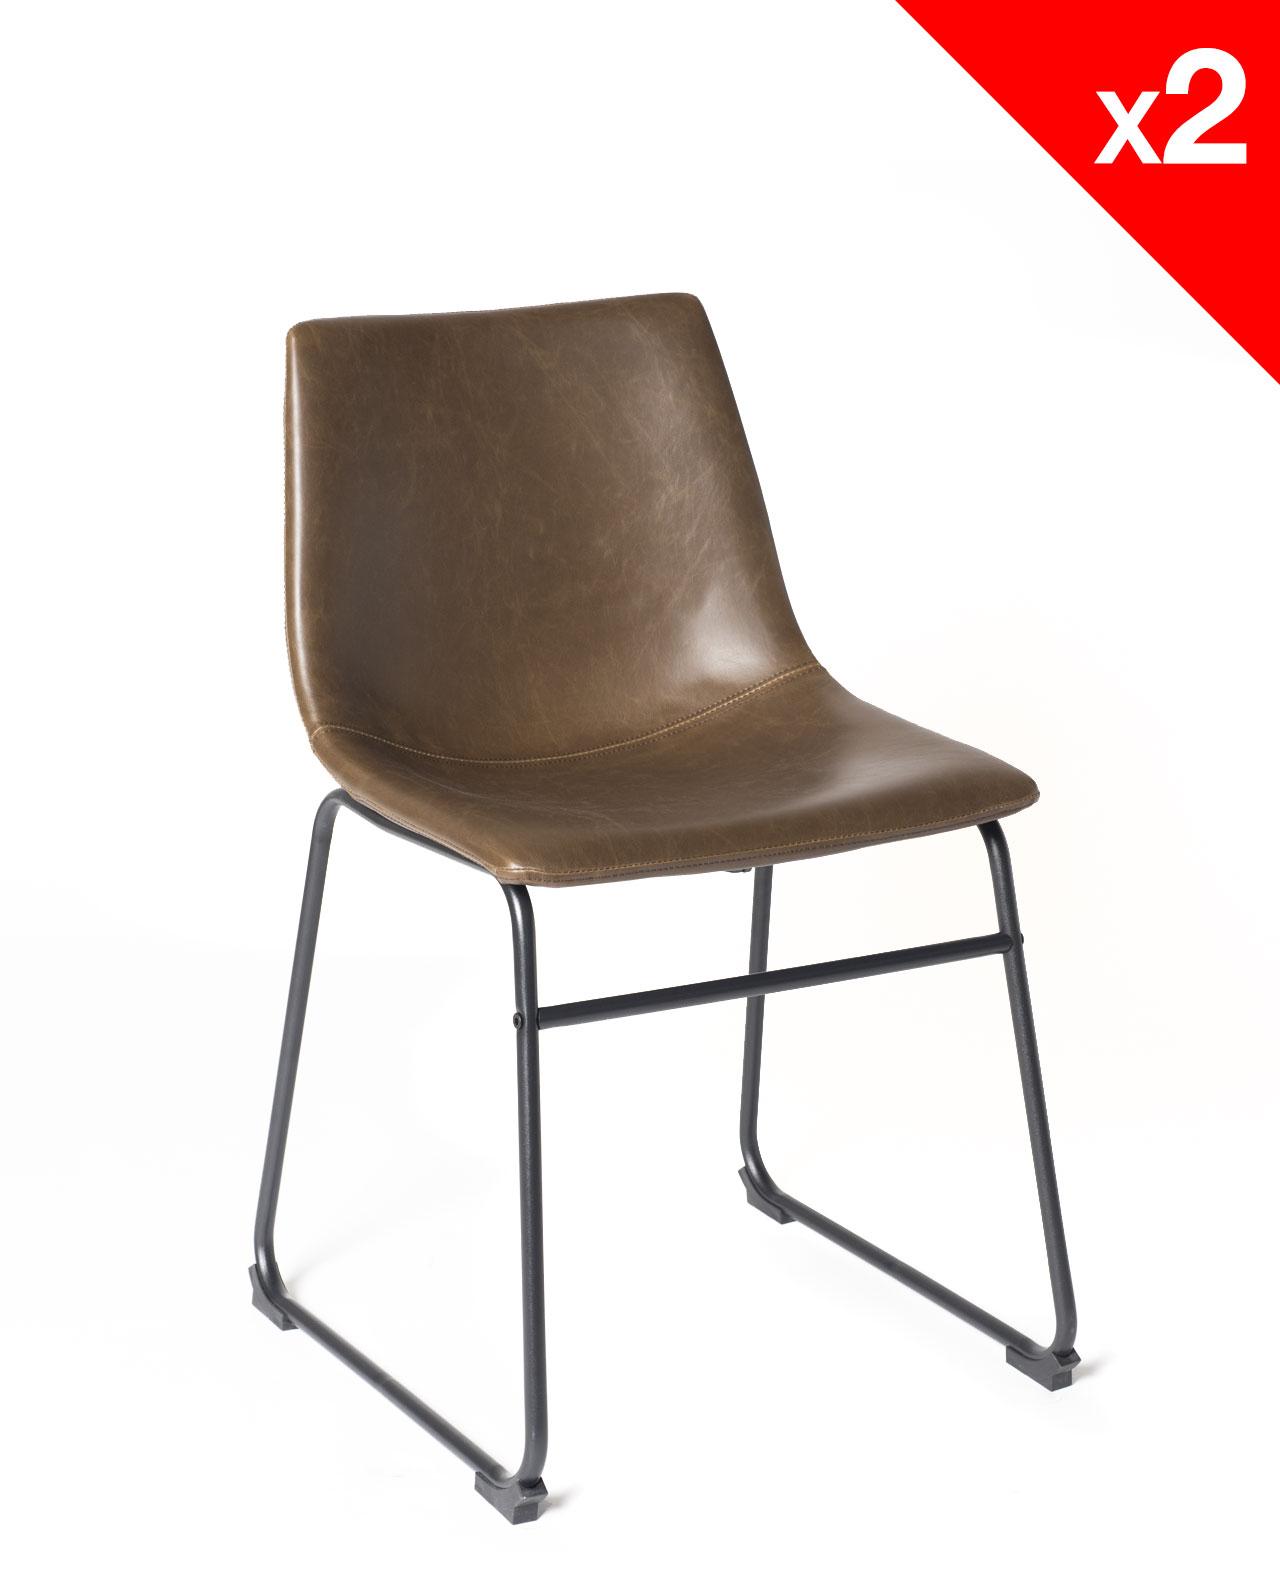 chaise de cuisine vintage helio47 pu marron kayelles